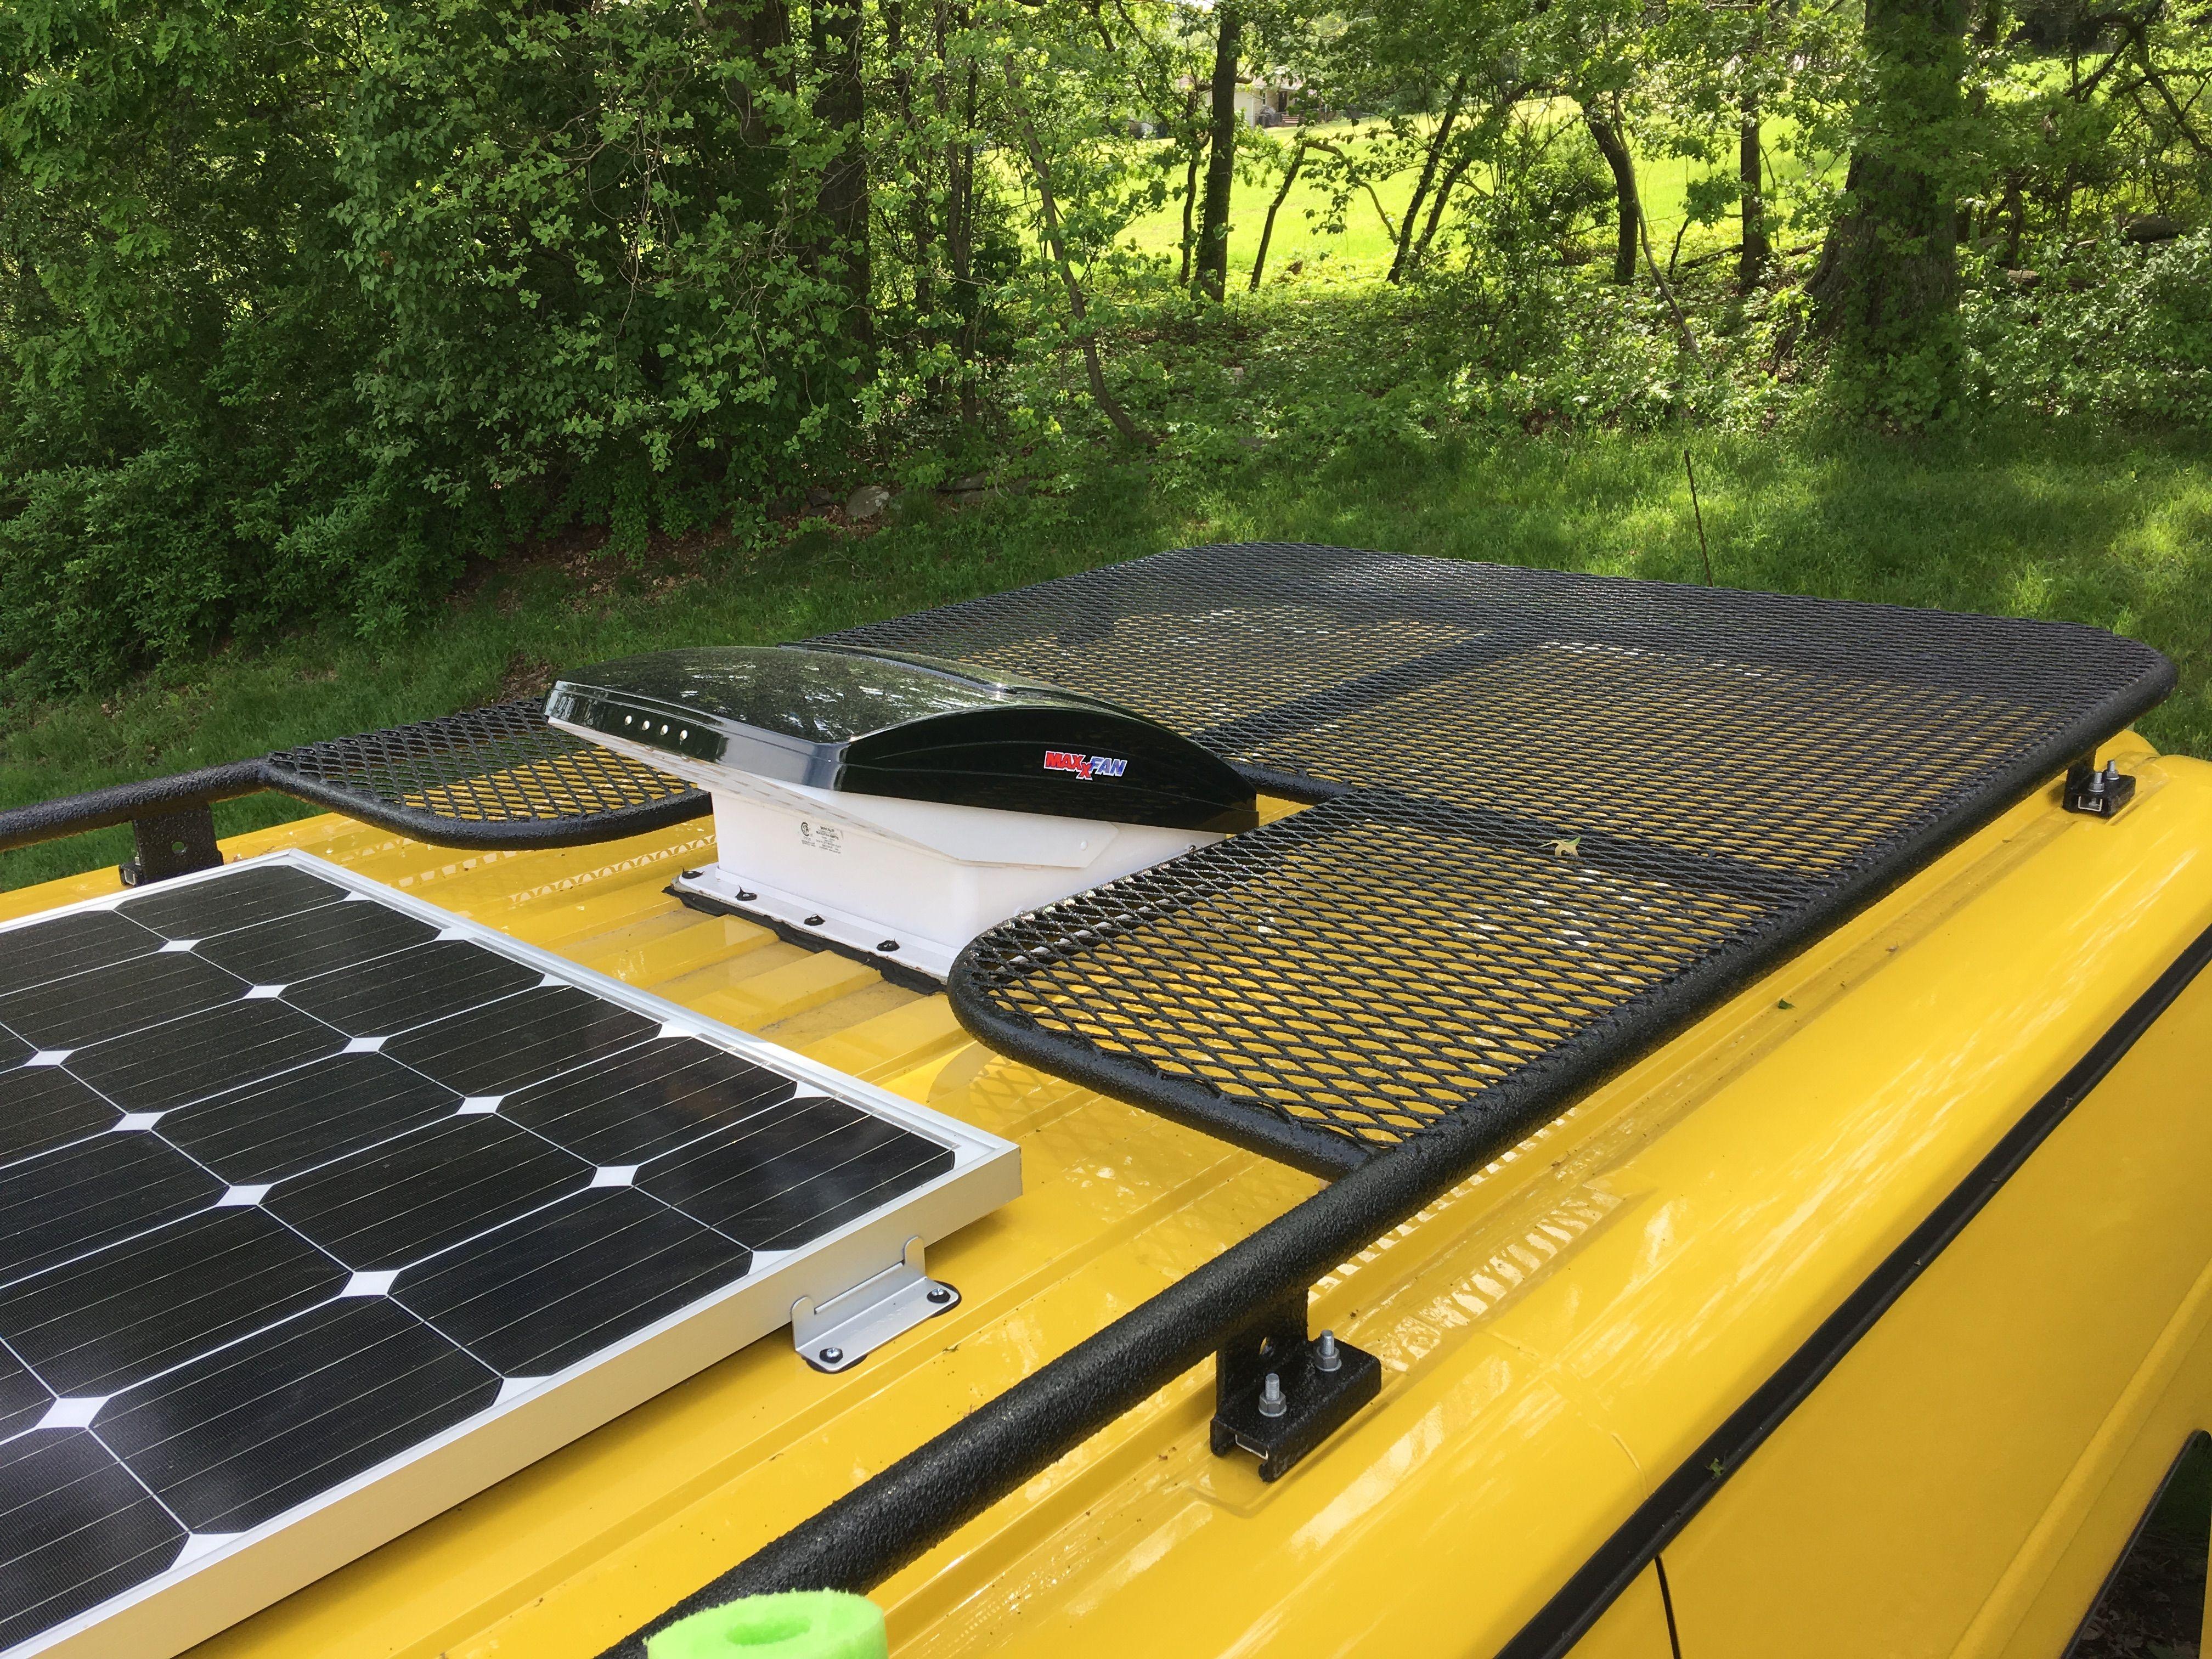 Custom Roof Rack Promaster Campervan Van Roof Racks Roof Rack Campervan